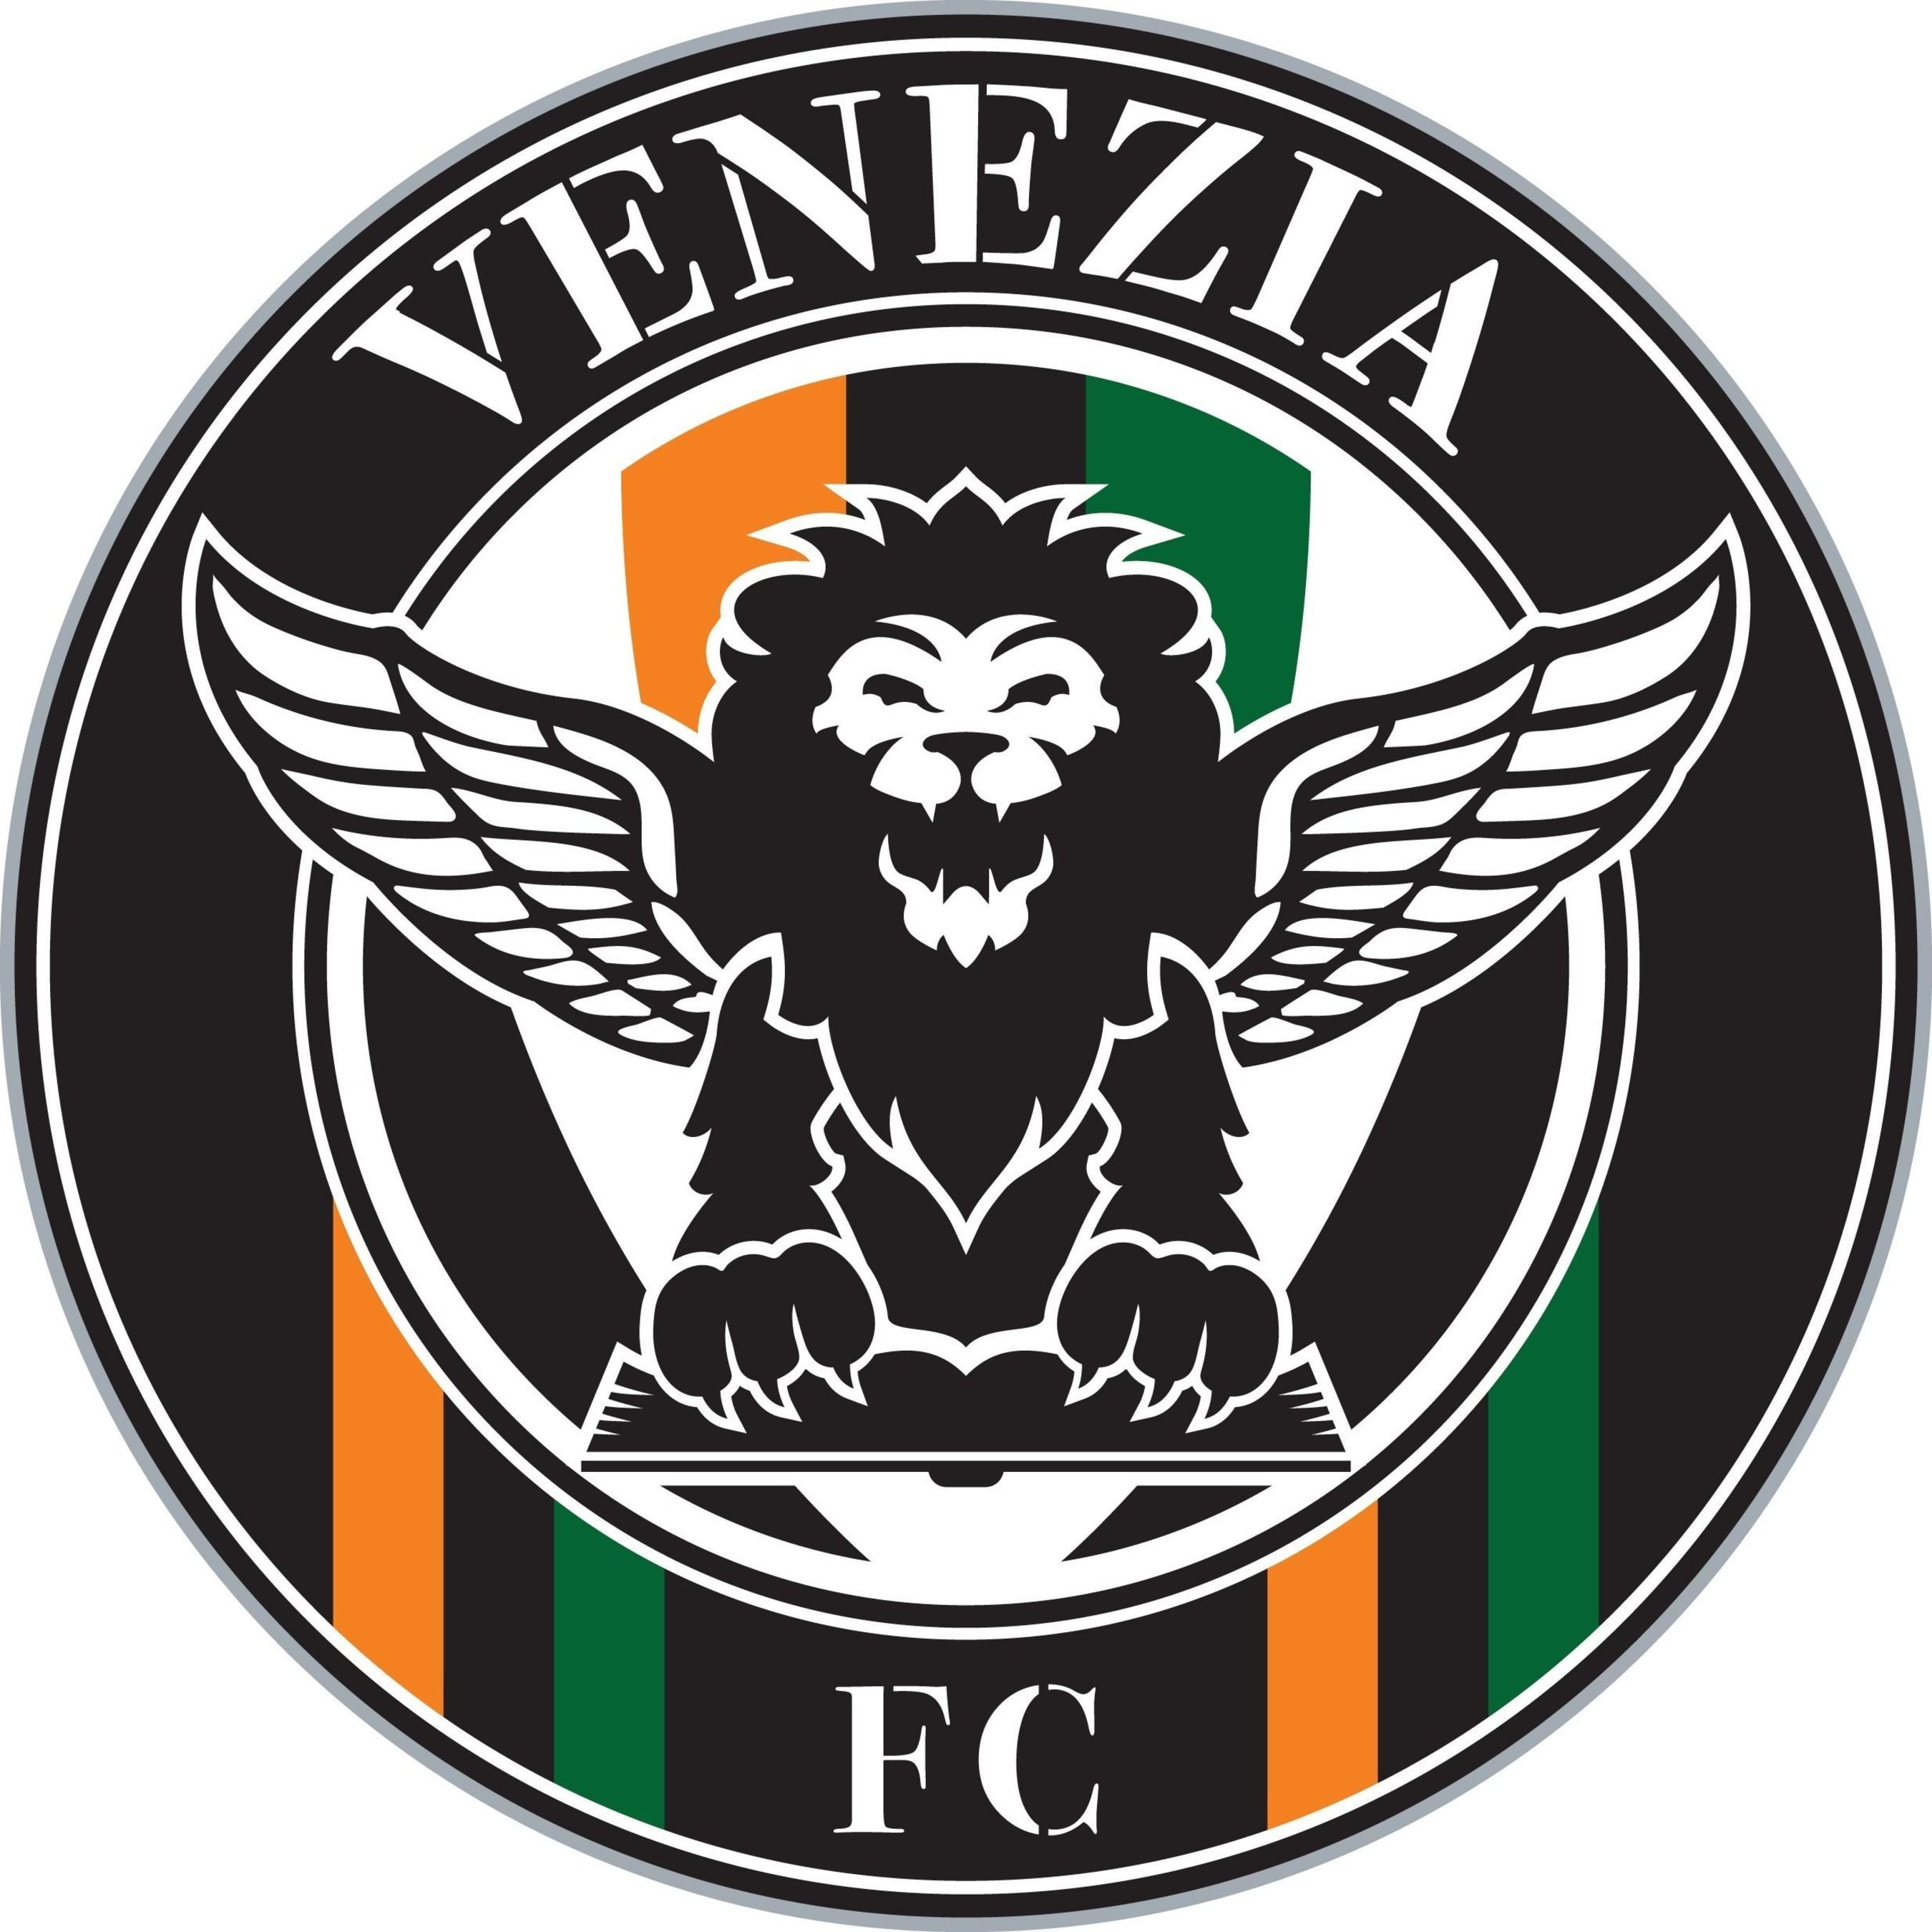 Si apre una nuova era per il Venezia FC che svela il suo nuovo logo e la sua nuova brand identity